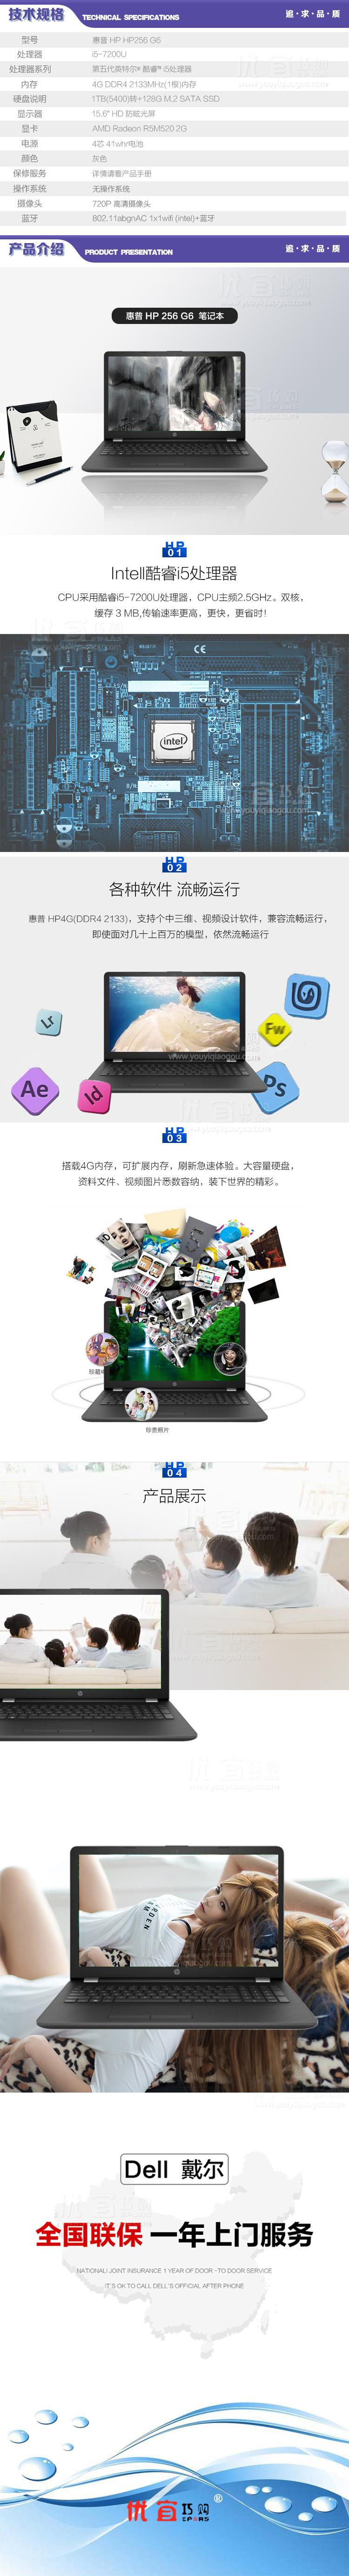 惠普 256  G6  i5-7200  128GB笔记本 拷贝.jpg